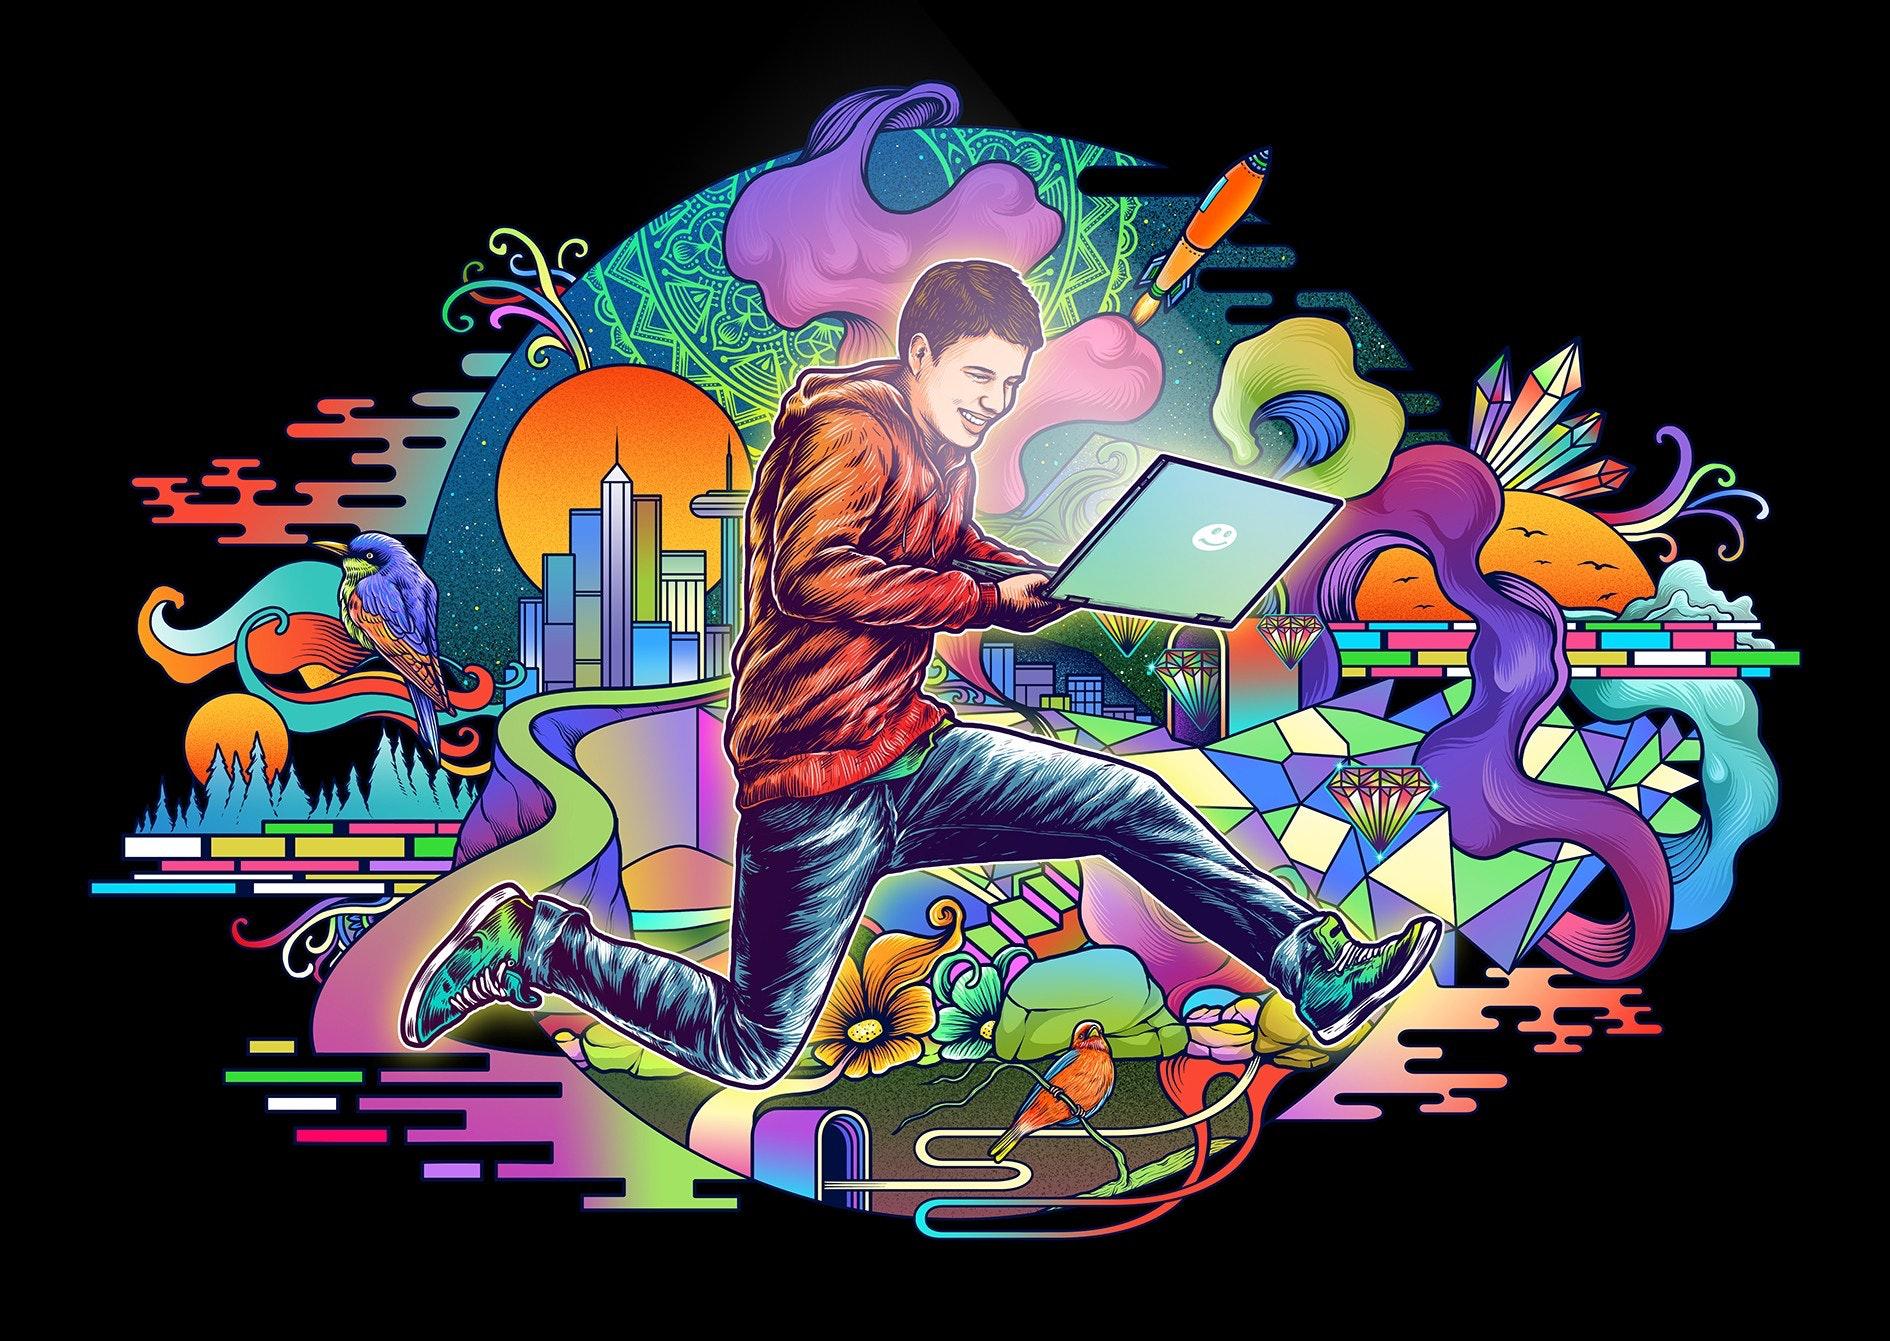 colorful illustration by BATHI